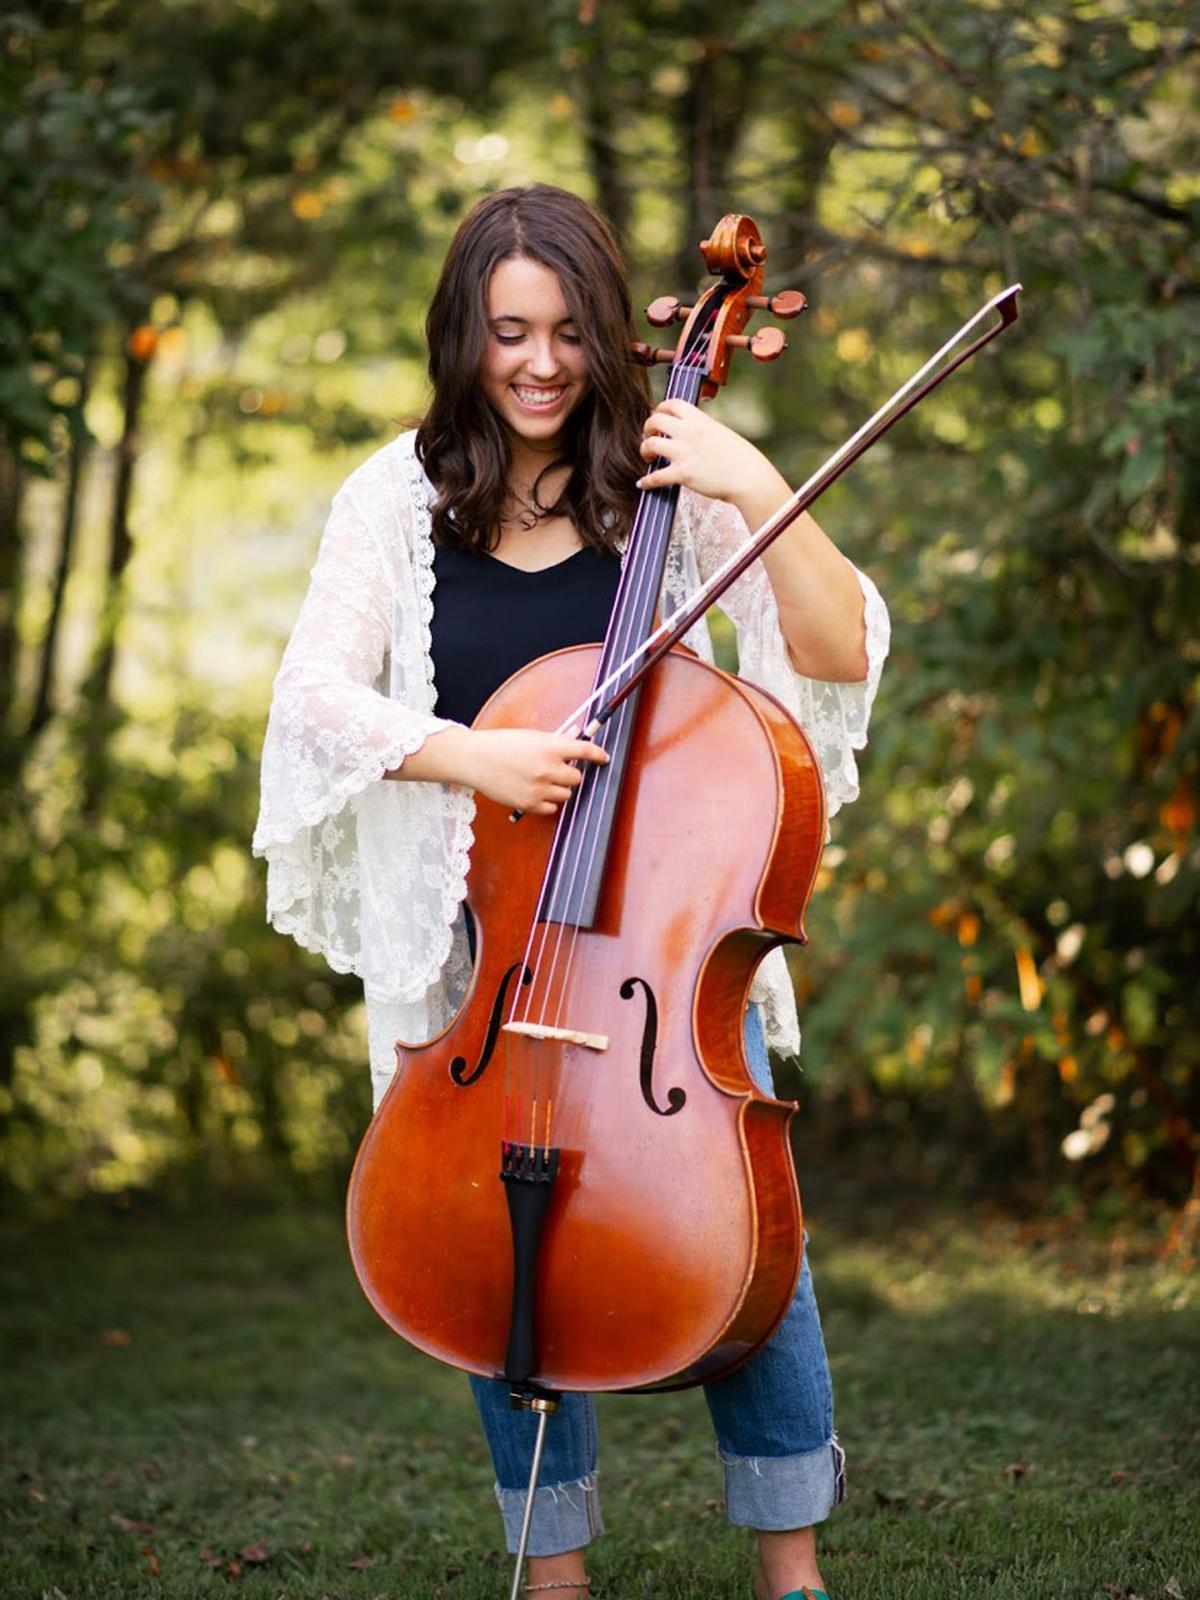 Kaylee Petro